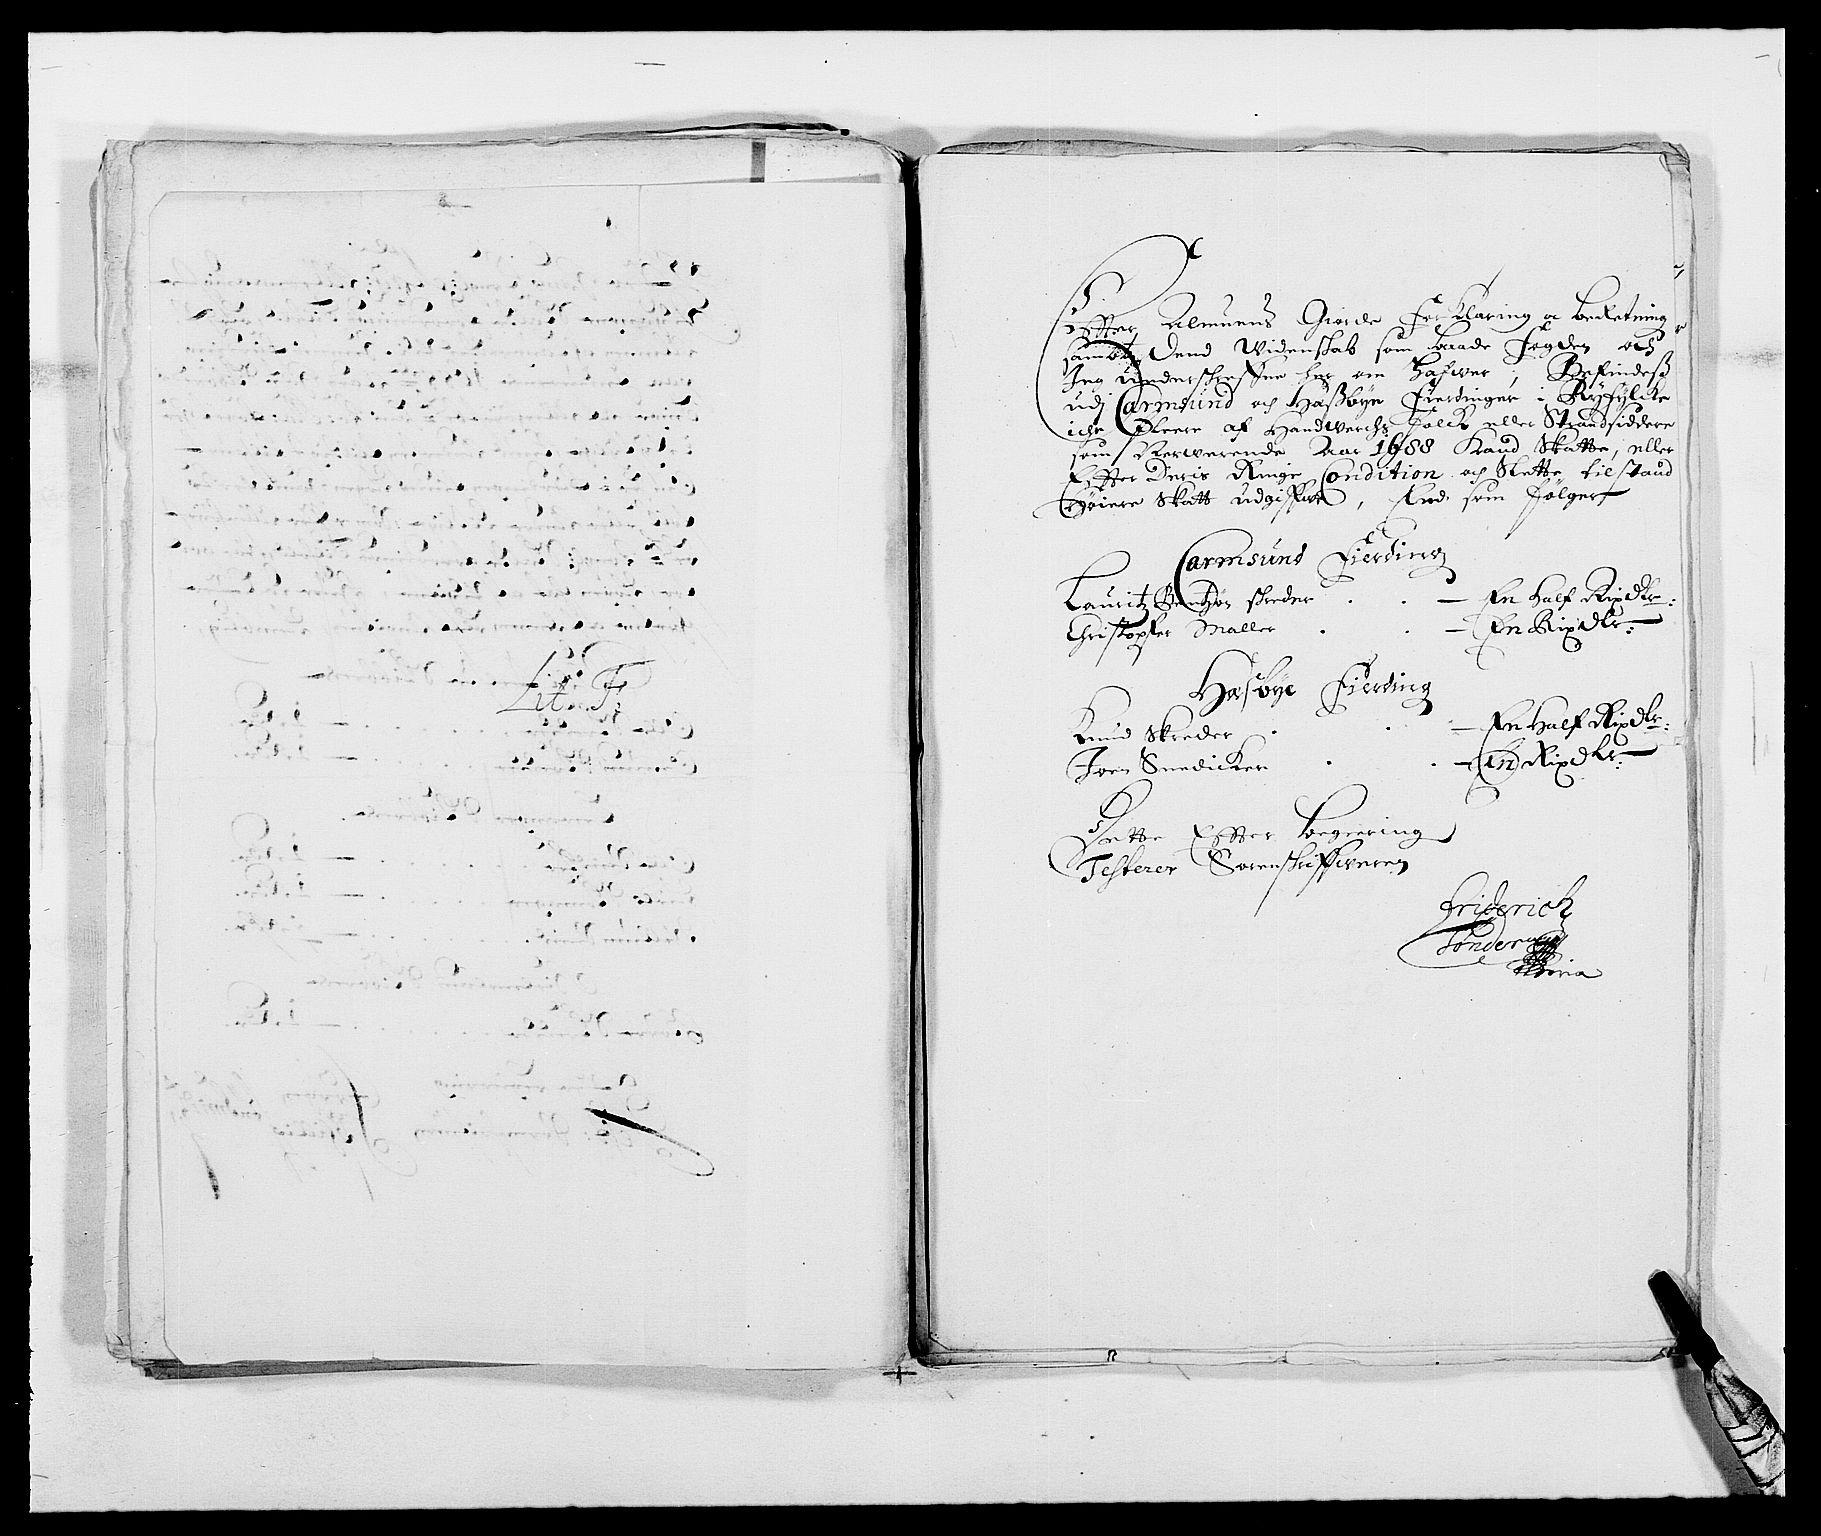 RA, Rentekammeret inntil 1814, Reviderte regnskaper, Fogderegnskap, R47/L2855: Fogderegnskap Ryfylke, 1685-1688, s. 386